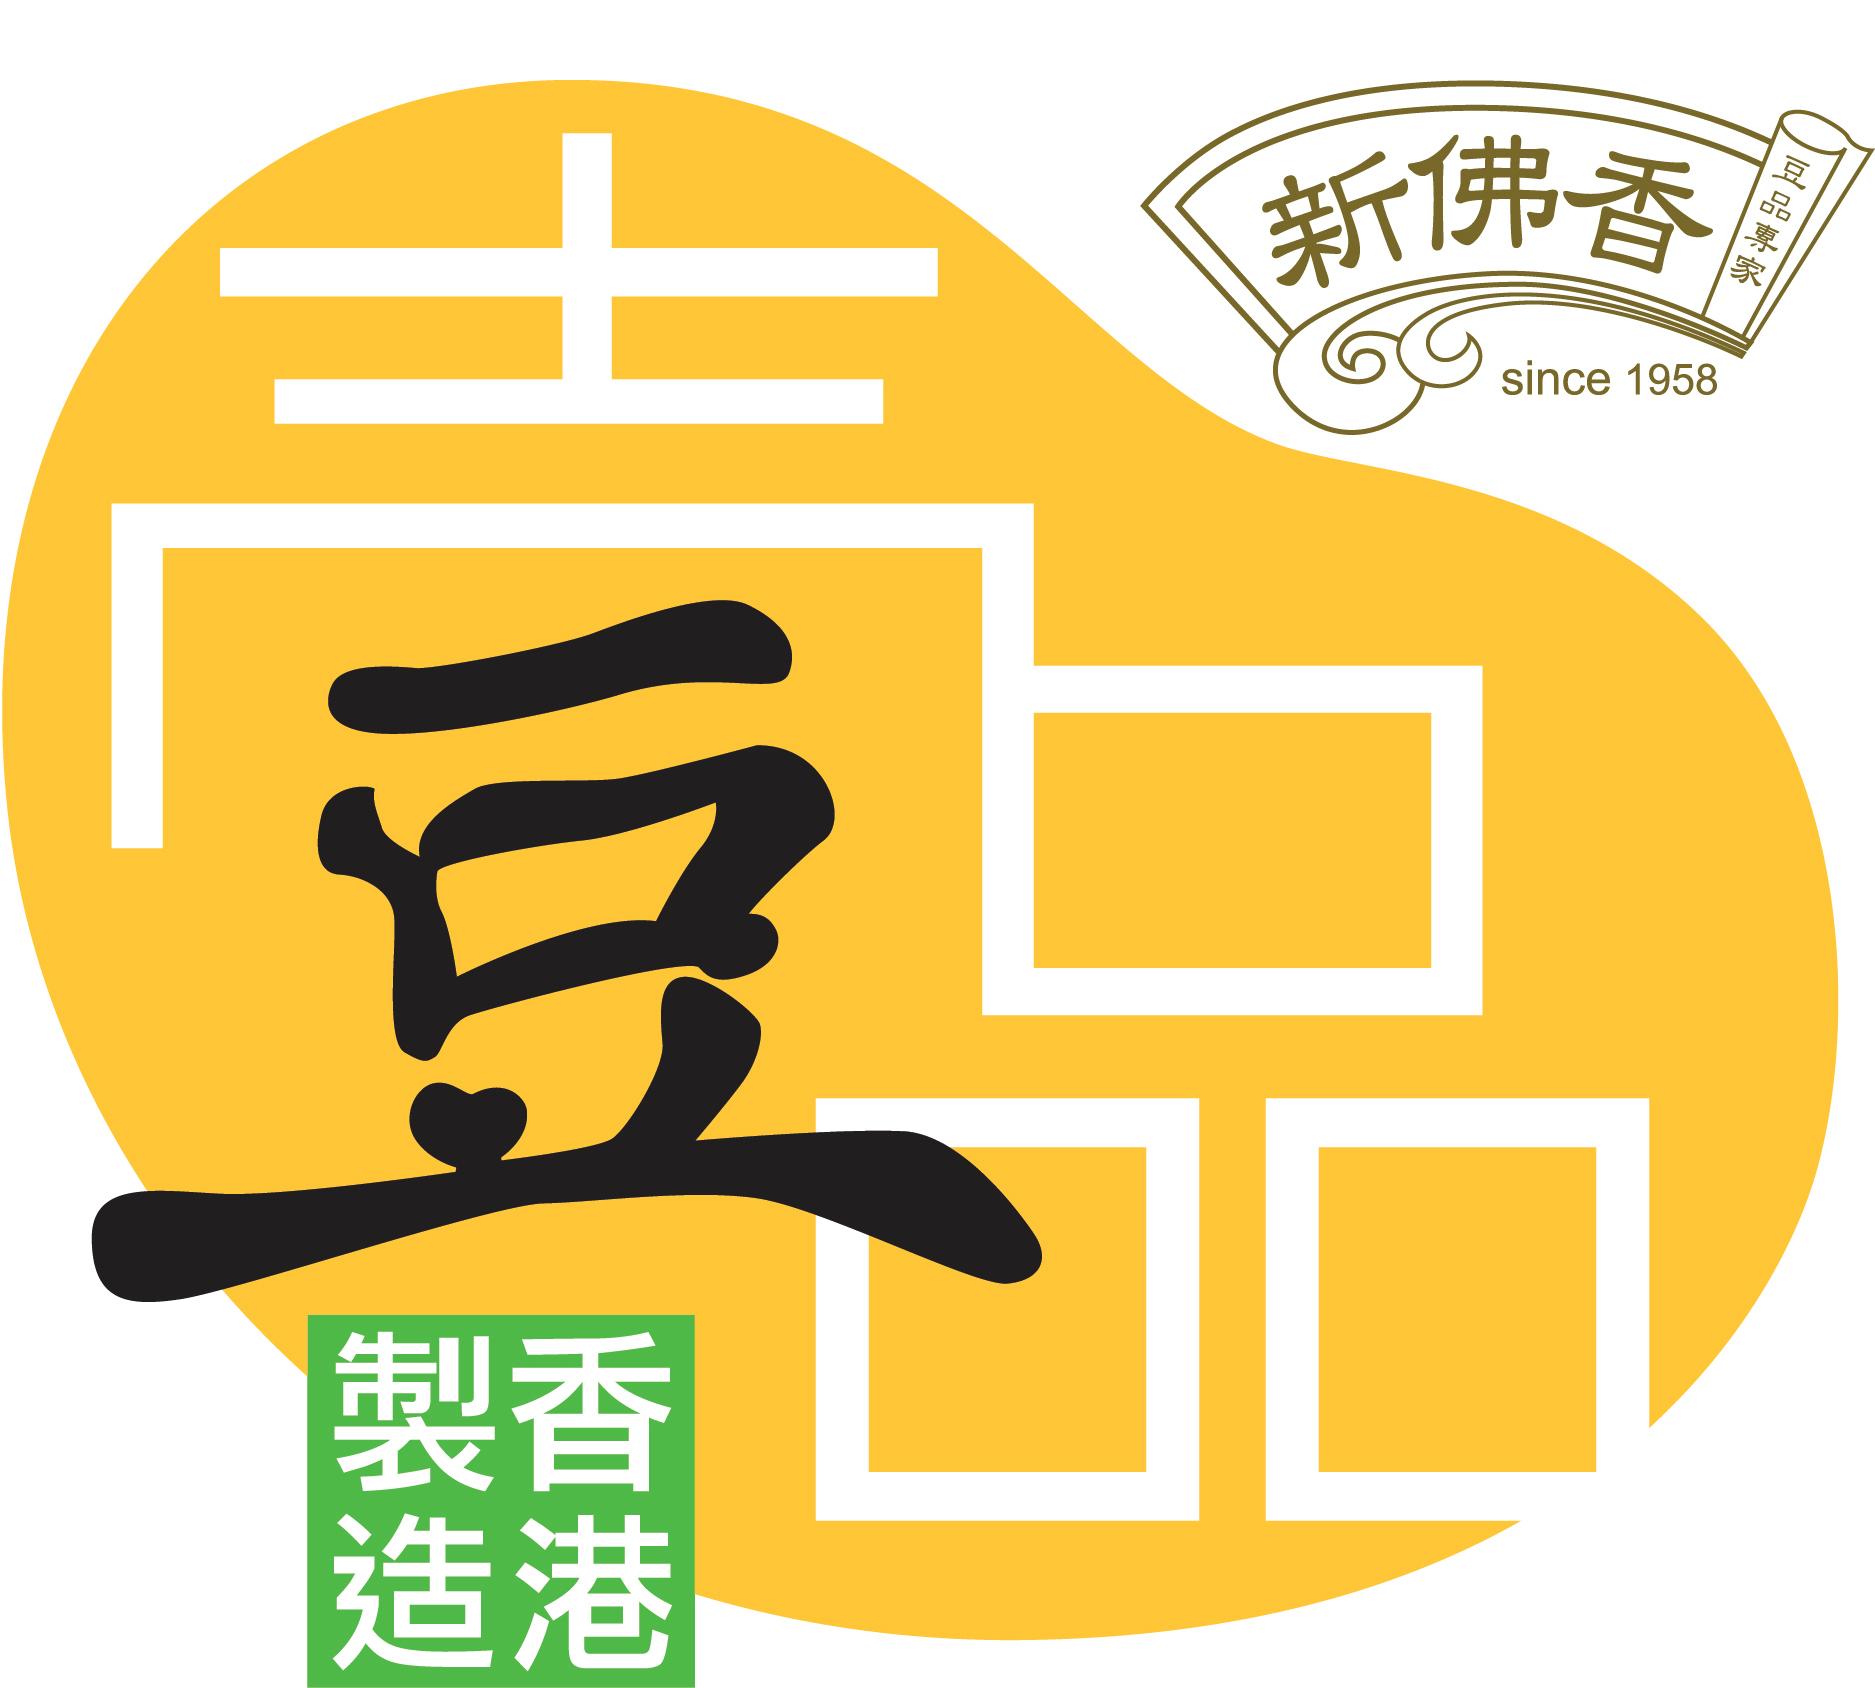 food scheme 2018 gold SunFatHeung